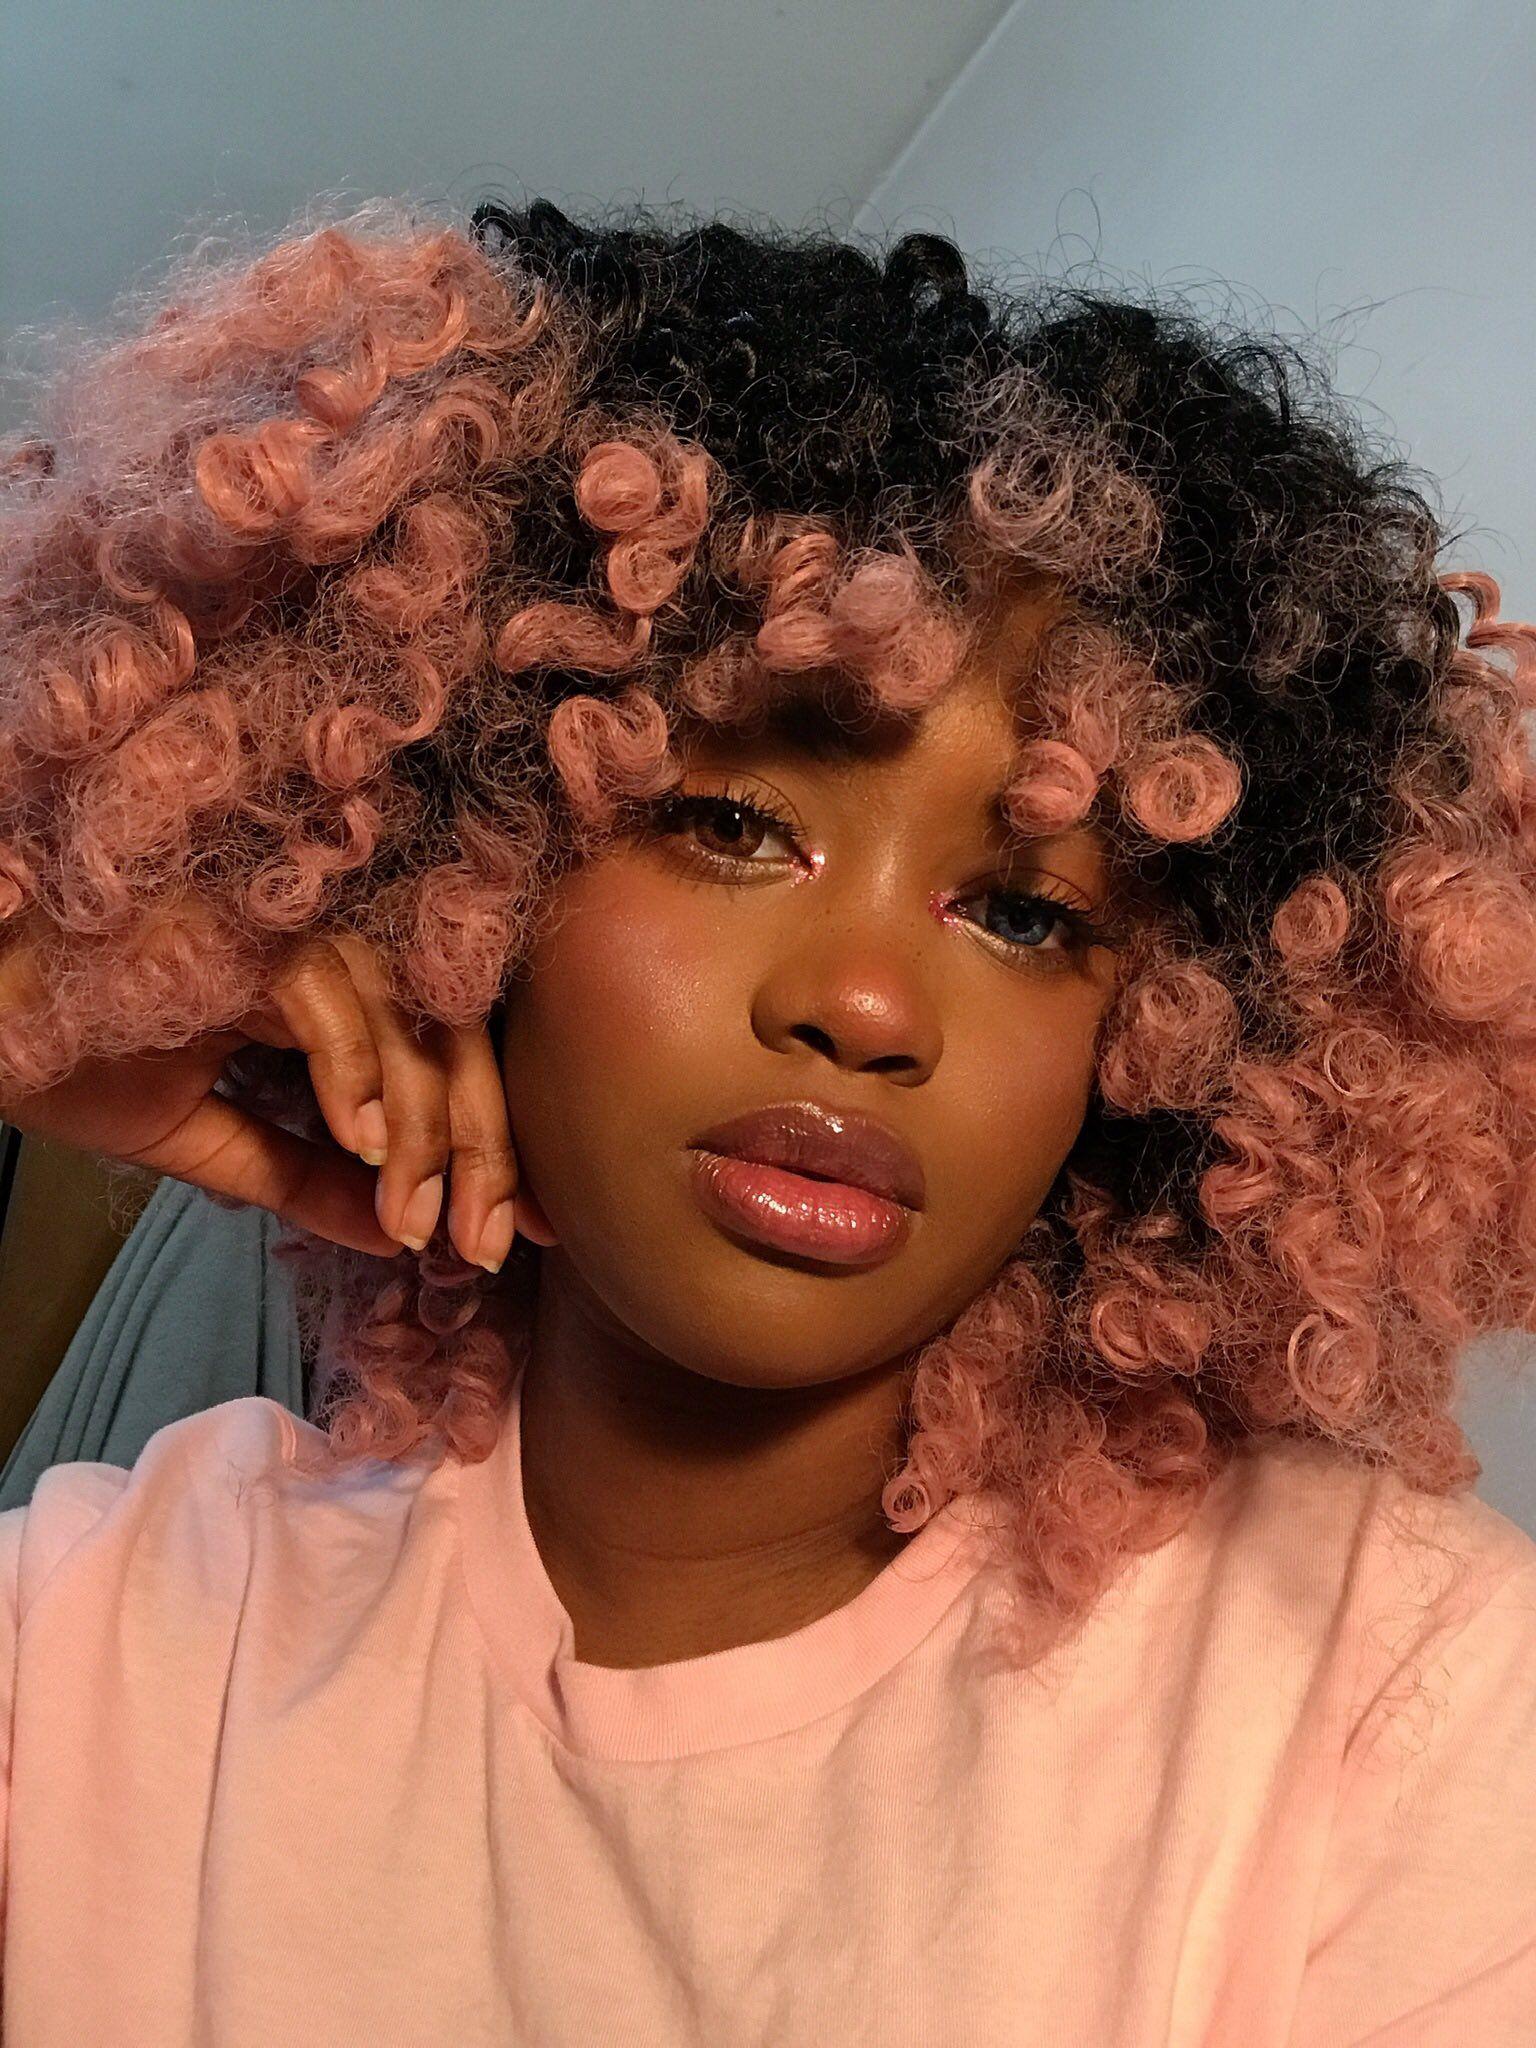 𝐊𝐀𝐘 on Twitter in 2020 Dye my hair, My hair, Beauty